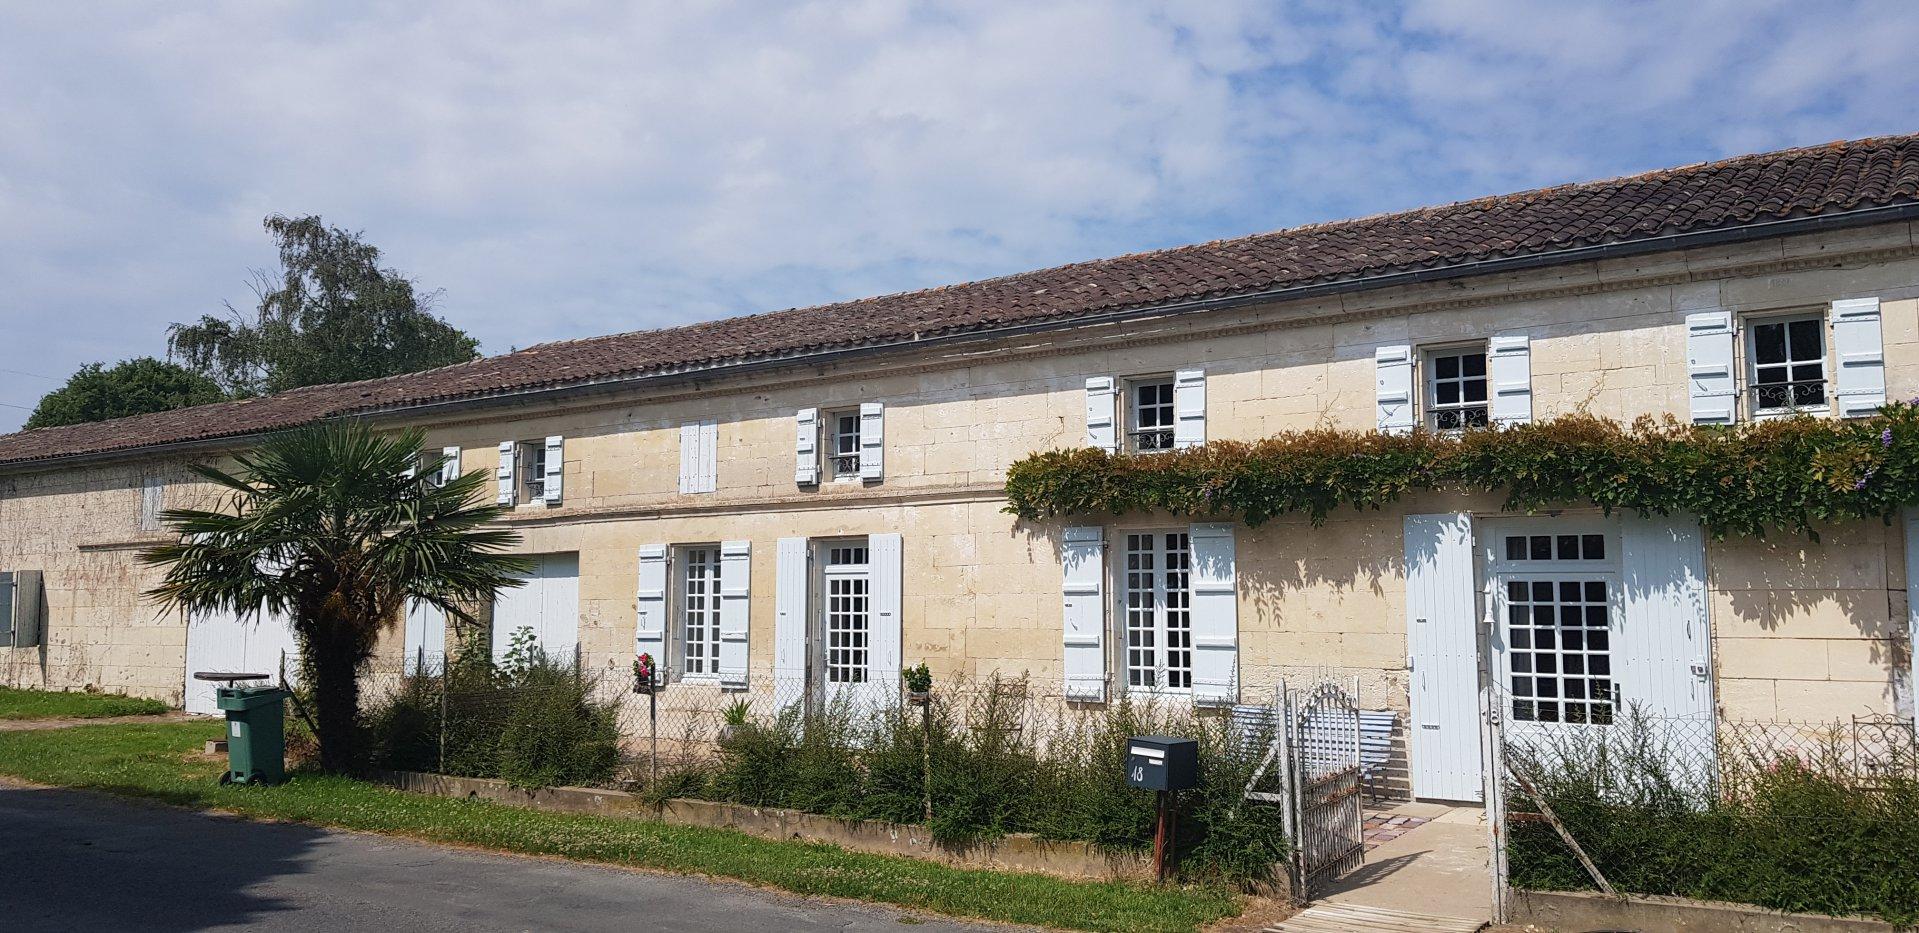 AUTHENTIQUE LONGERE CHARENTAISE - Estuaire de la Gironde